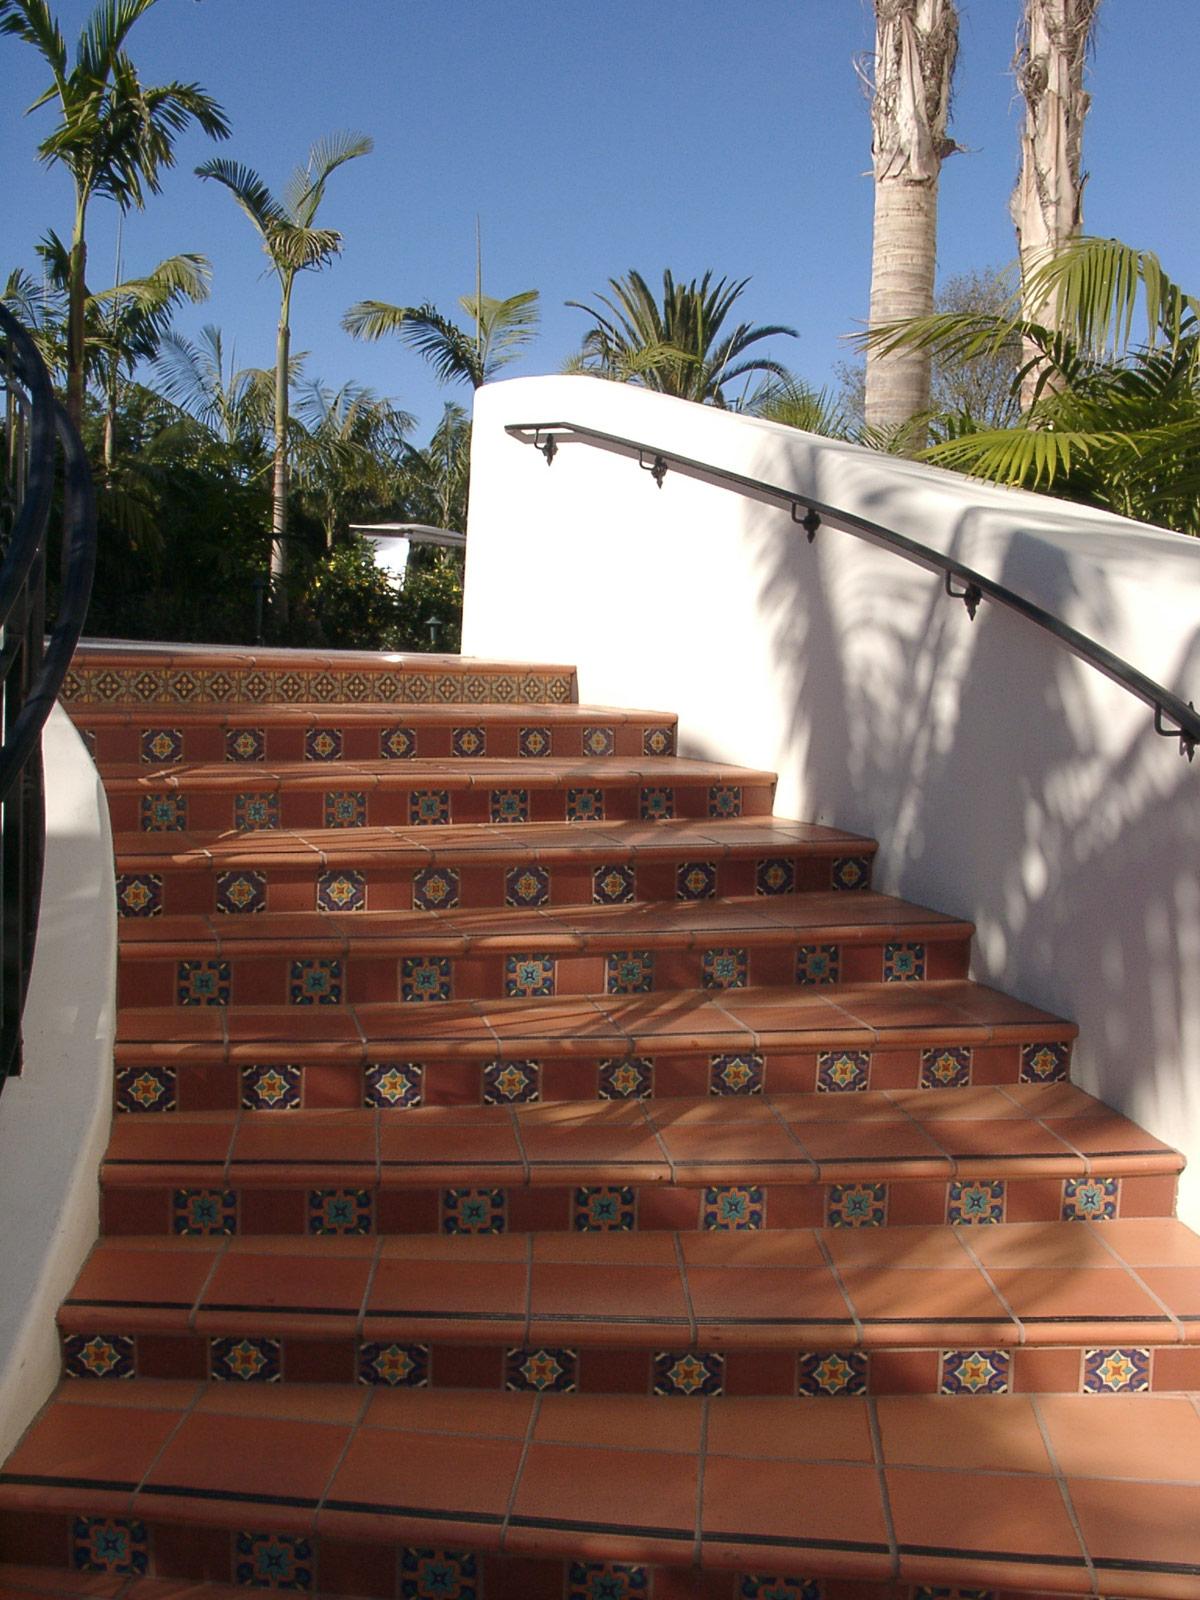 Step montserrat royo - Ceramica para exteriores ...